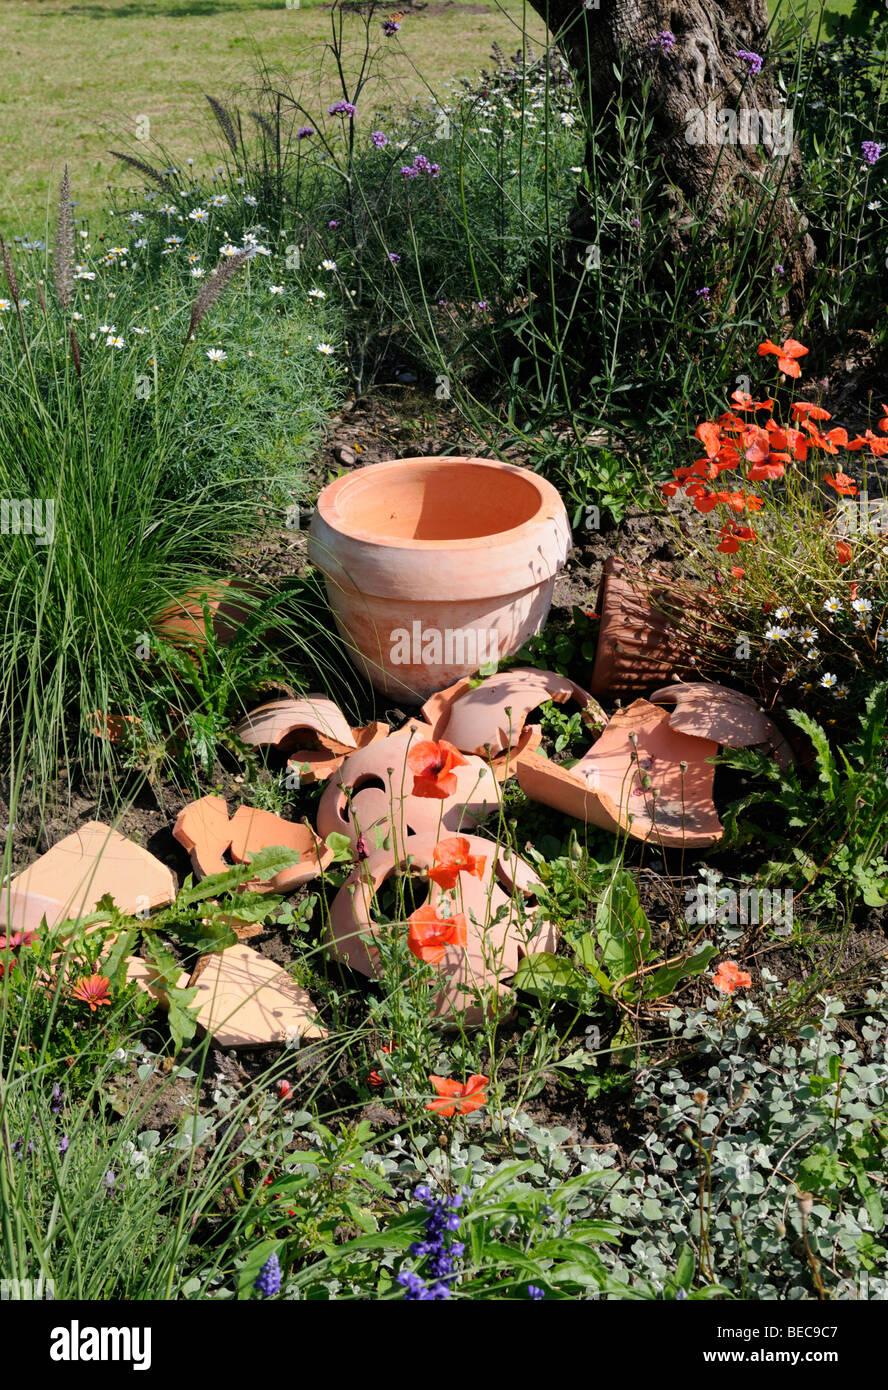 Gartendekoration, Arboretum, Ellerhoop, Deutschland.   Garden Decoration,  Arboretum, Ellerhoop, Germany